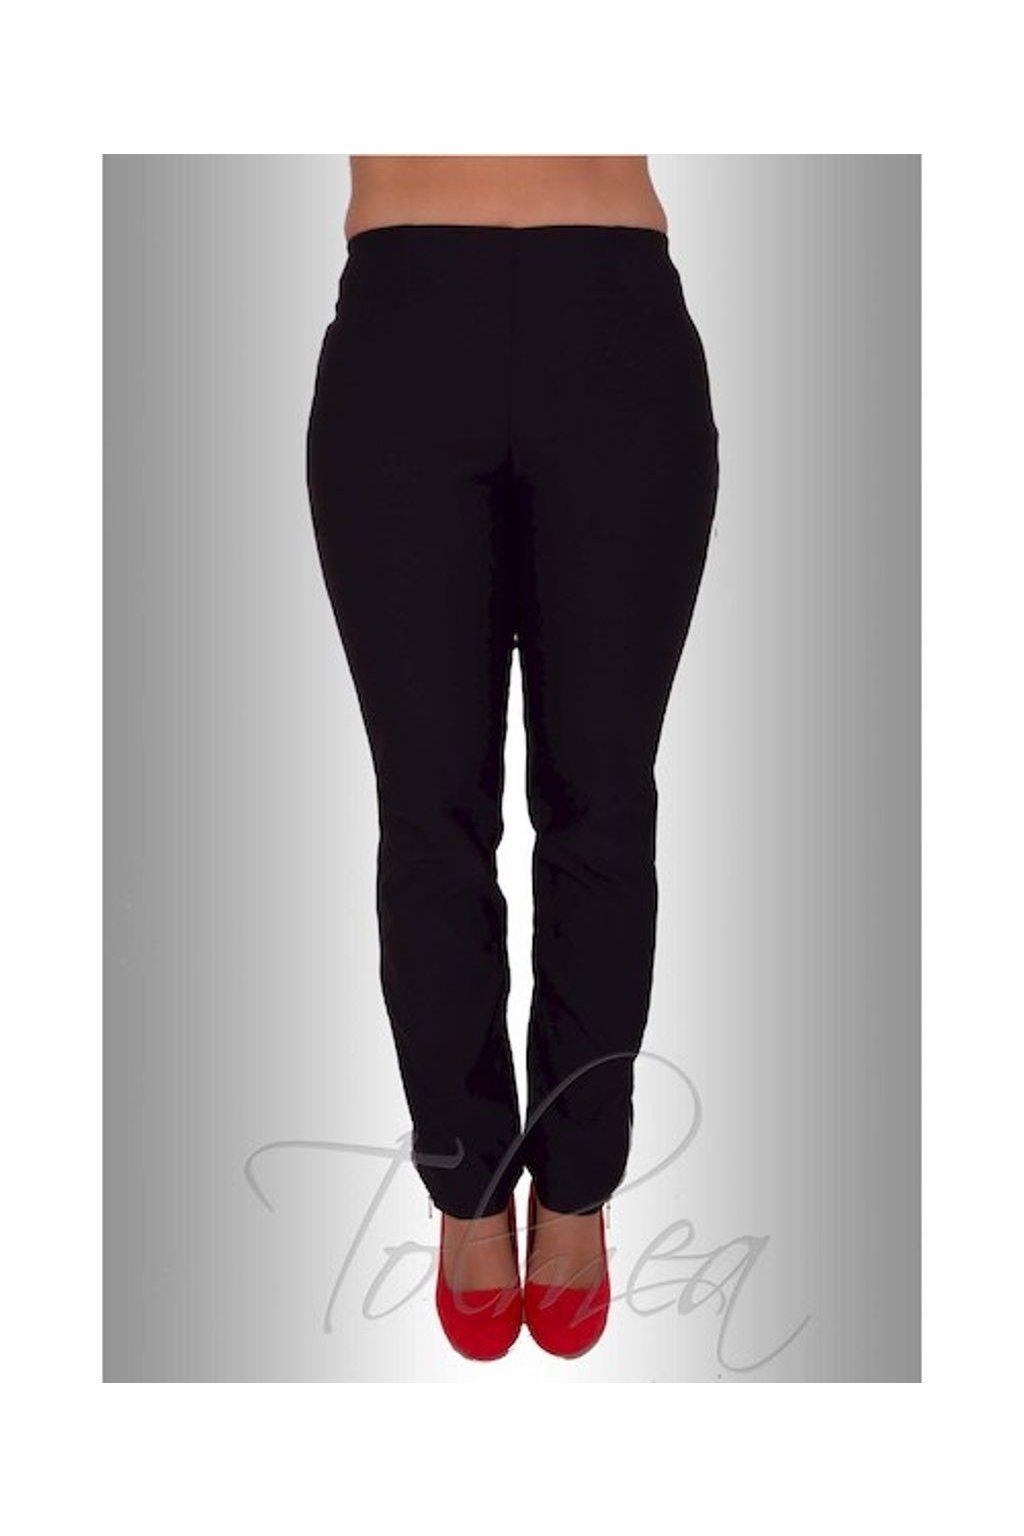 Kalhoty elastické zipy 0215, P1815 (Velikost 38, Barva Černá)